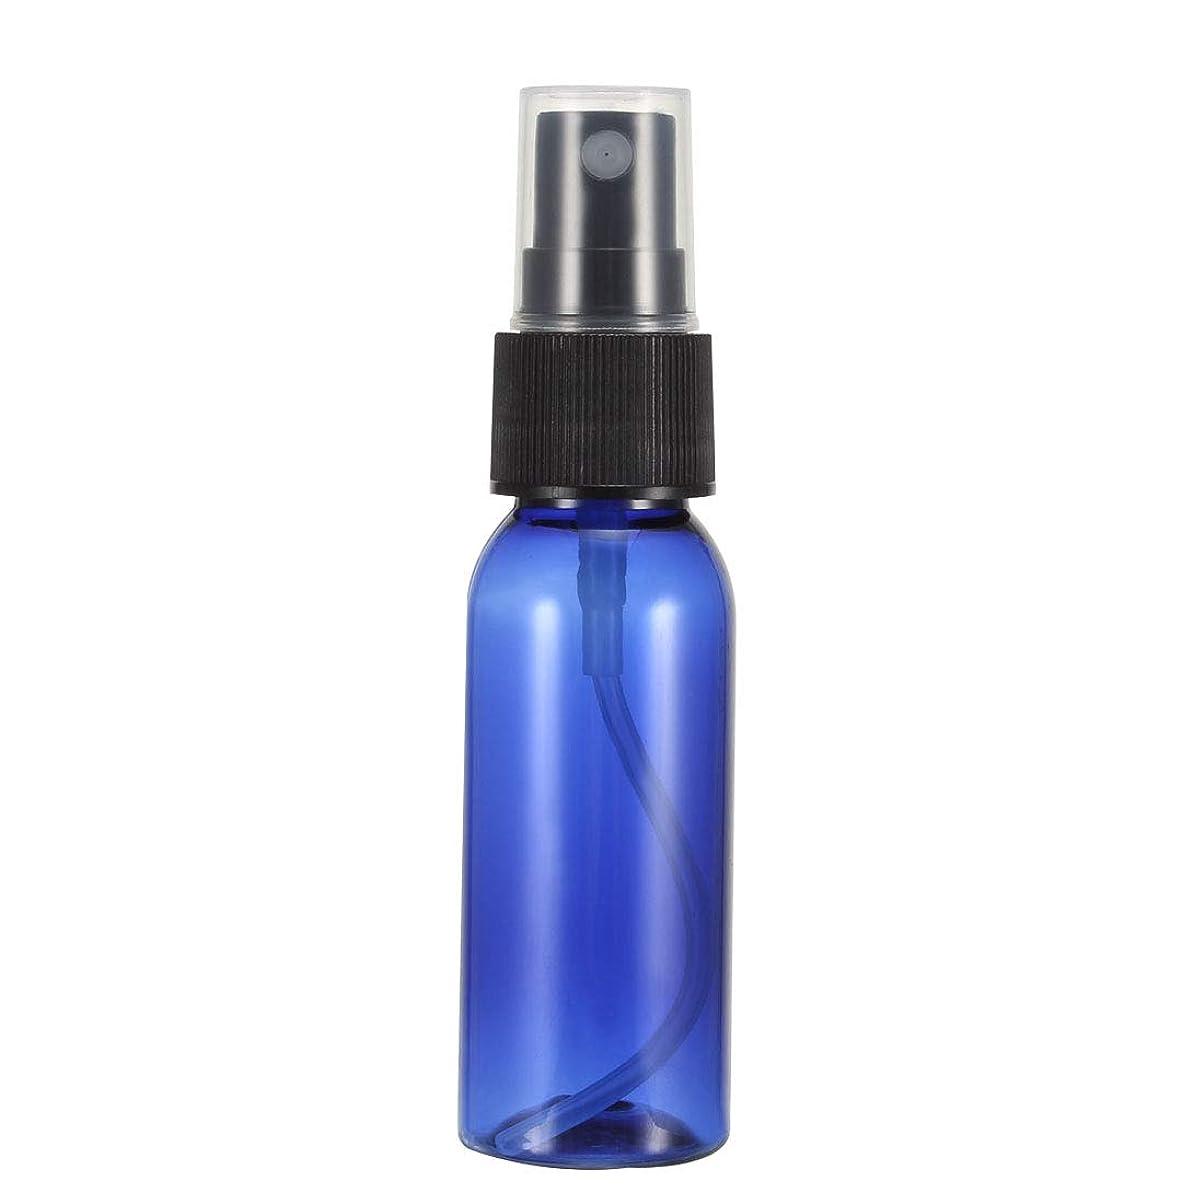 シェフアルファベットソーダ水uxcell uxcell プラスチックスプレーボトル ファインミストスプレー付き 空の詰め替え式コンテナ トラベルボトル 1oz/30ml ブルー 12個入り